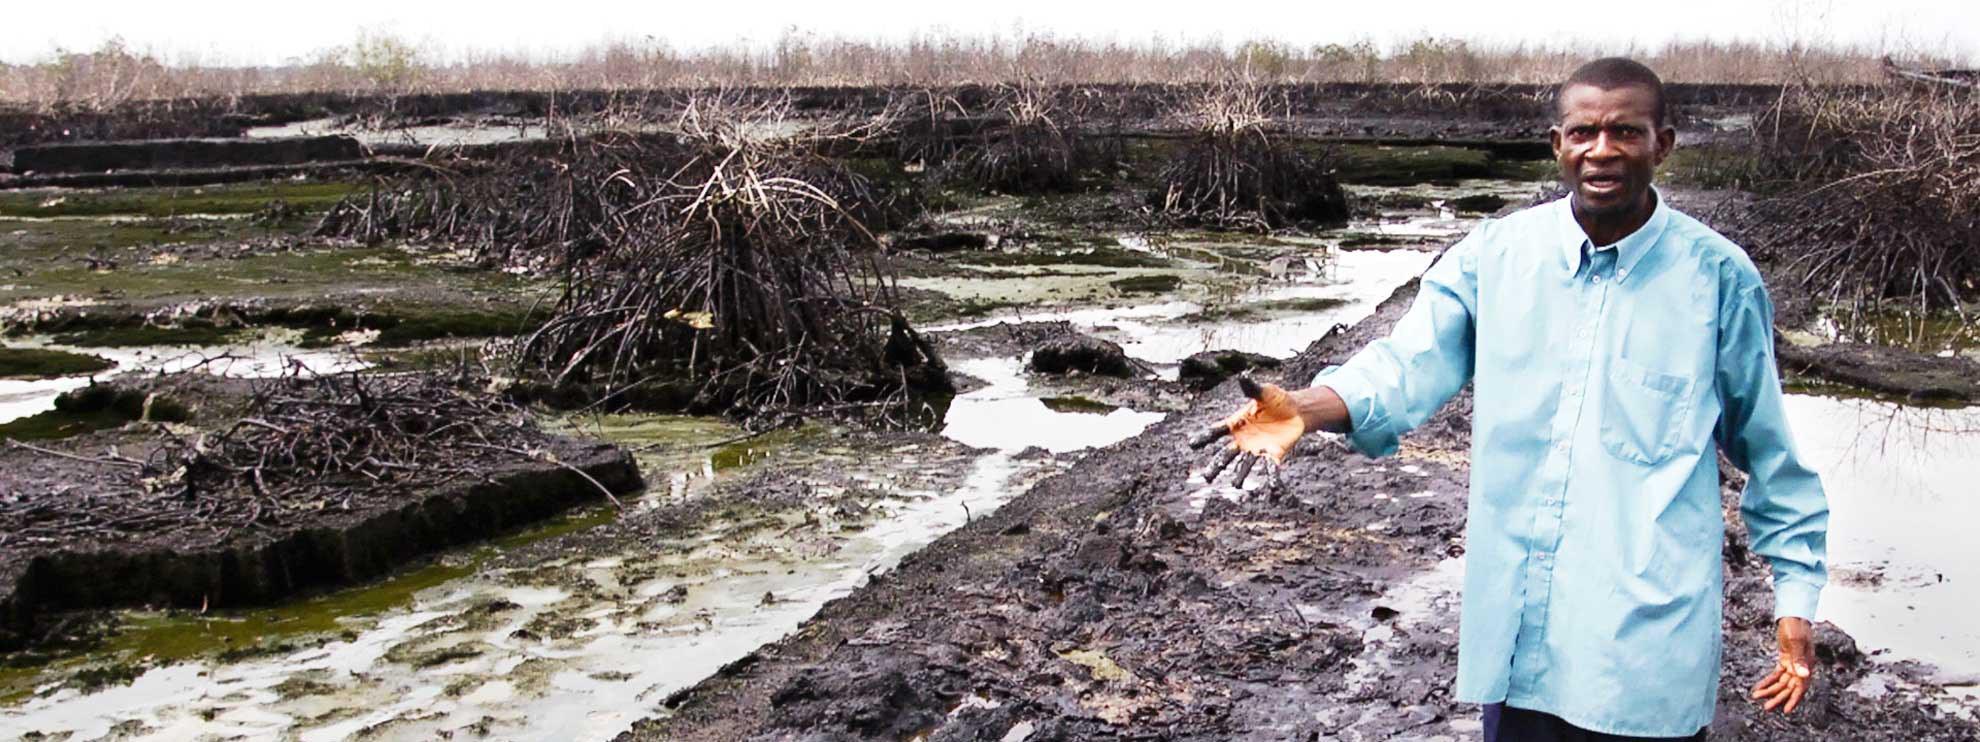 Pastor Christian Lekoya Kpandei zeigt den Schaden, den das Öl auf seinen Feldern angerichtet hat. © Amnesty International